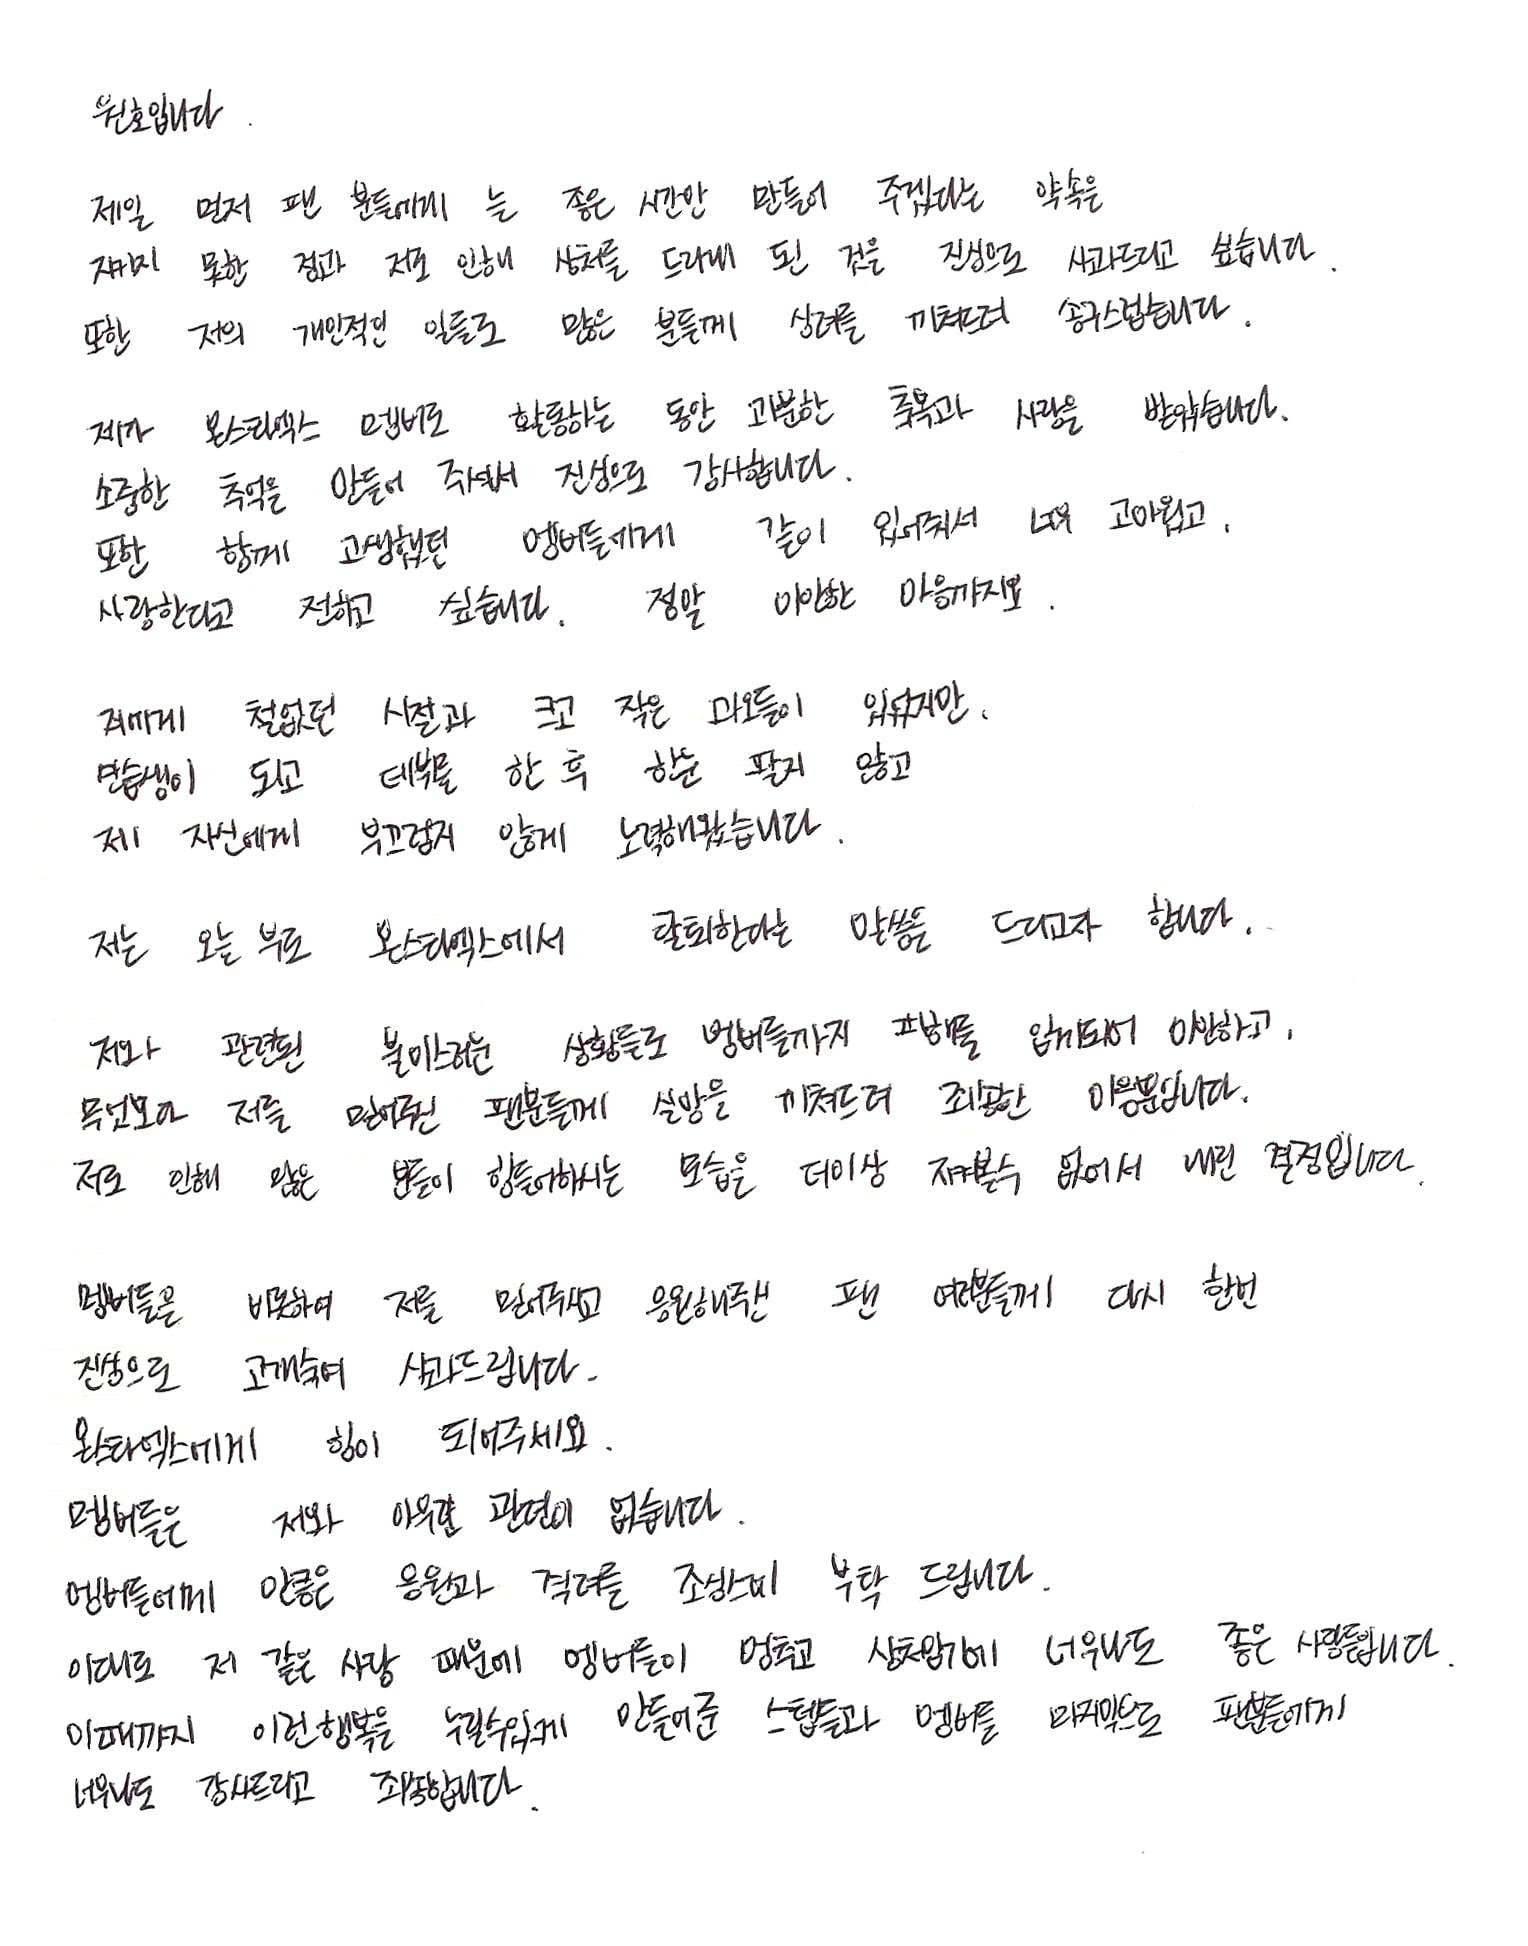 Wonho abandona la banda de k-pop Monsta X acusado de estafa